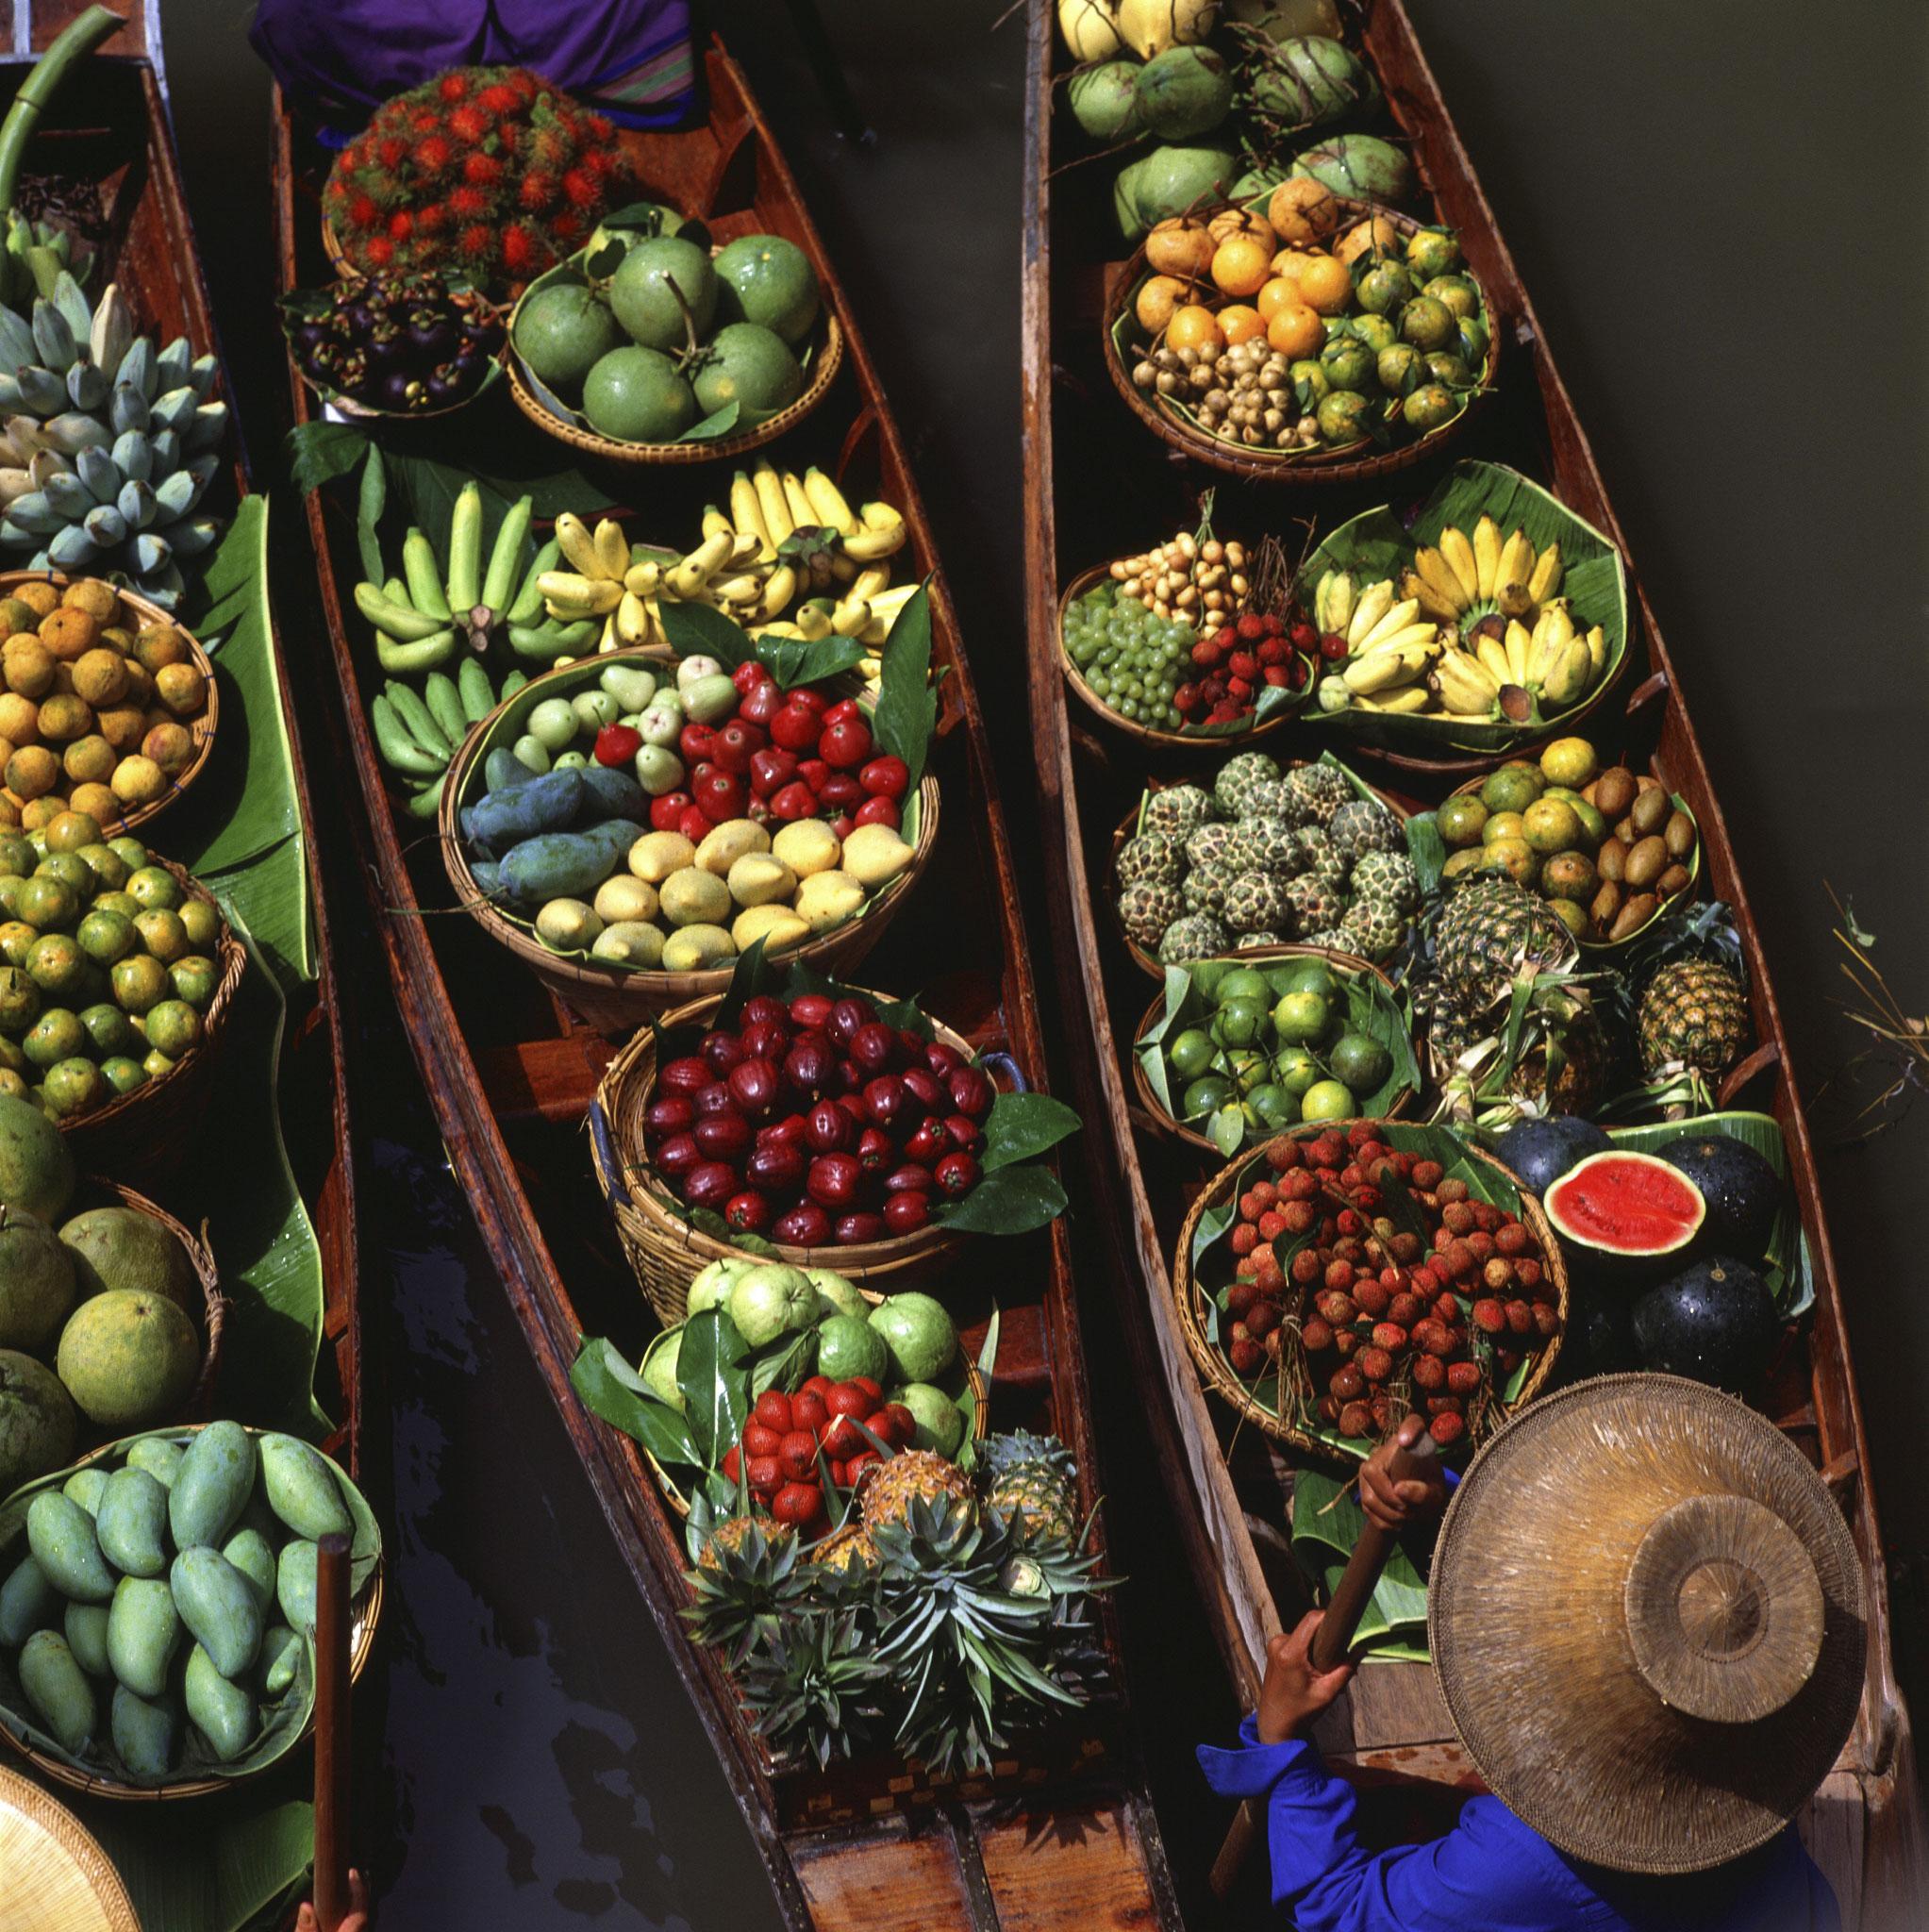 Ratchaburi Floating Market